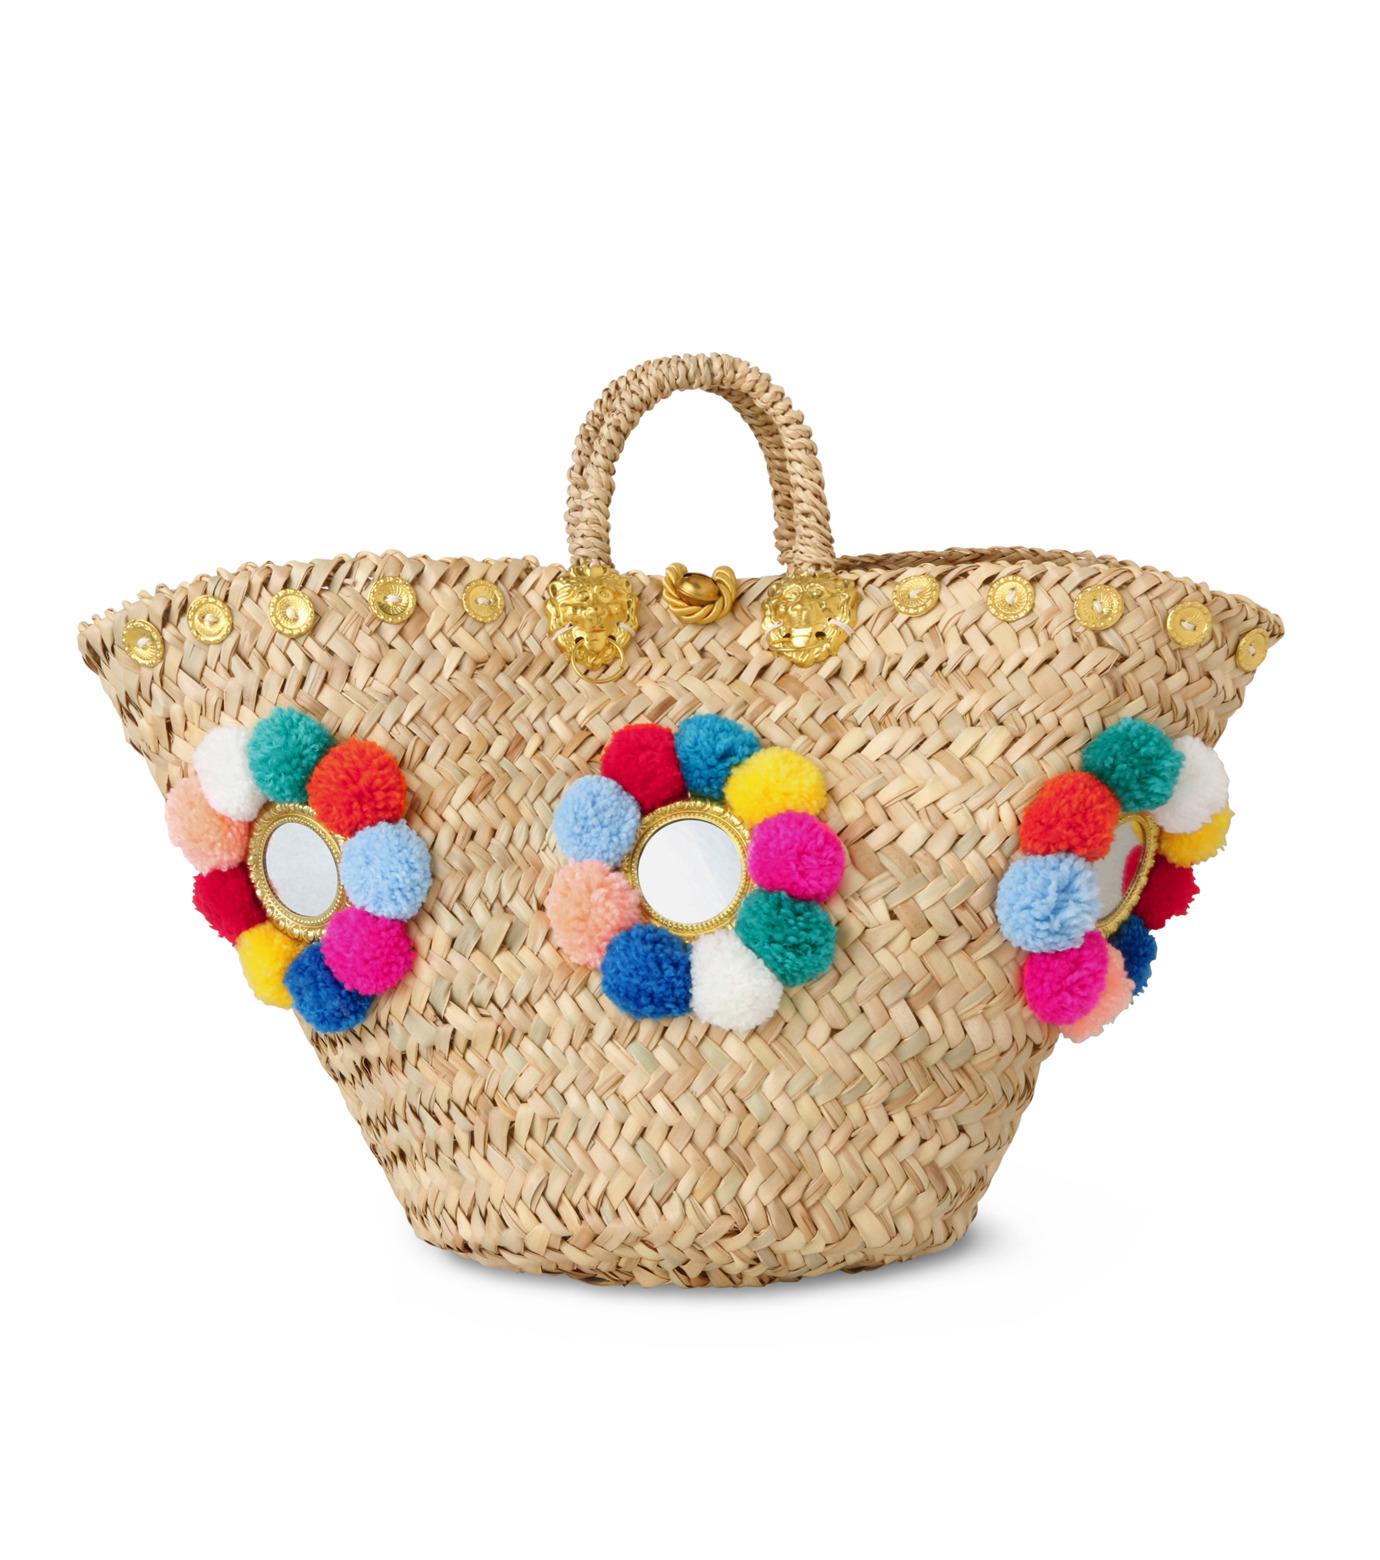 Muzungu Sisters(ムズング シスターズ)のSicilian Basket I-BEIGE(バッグ/bag)-IT001A-52 拡大詳細画像1